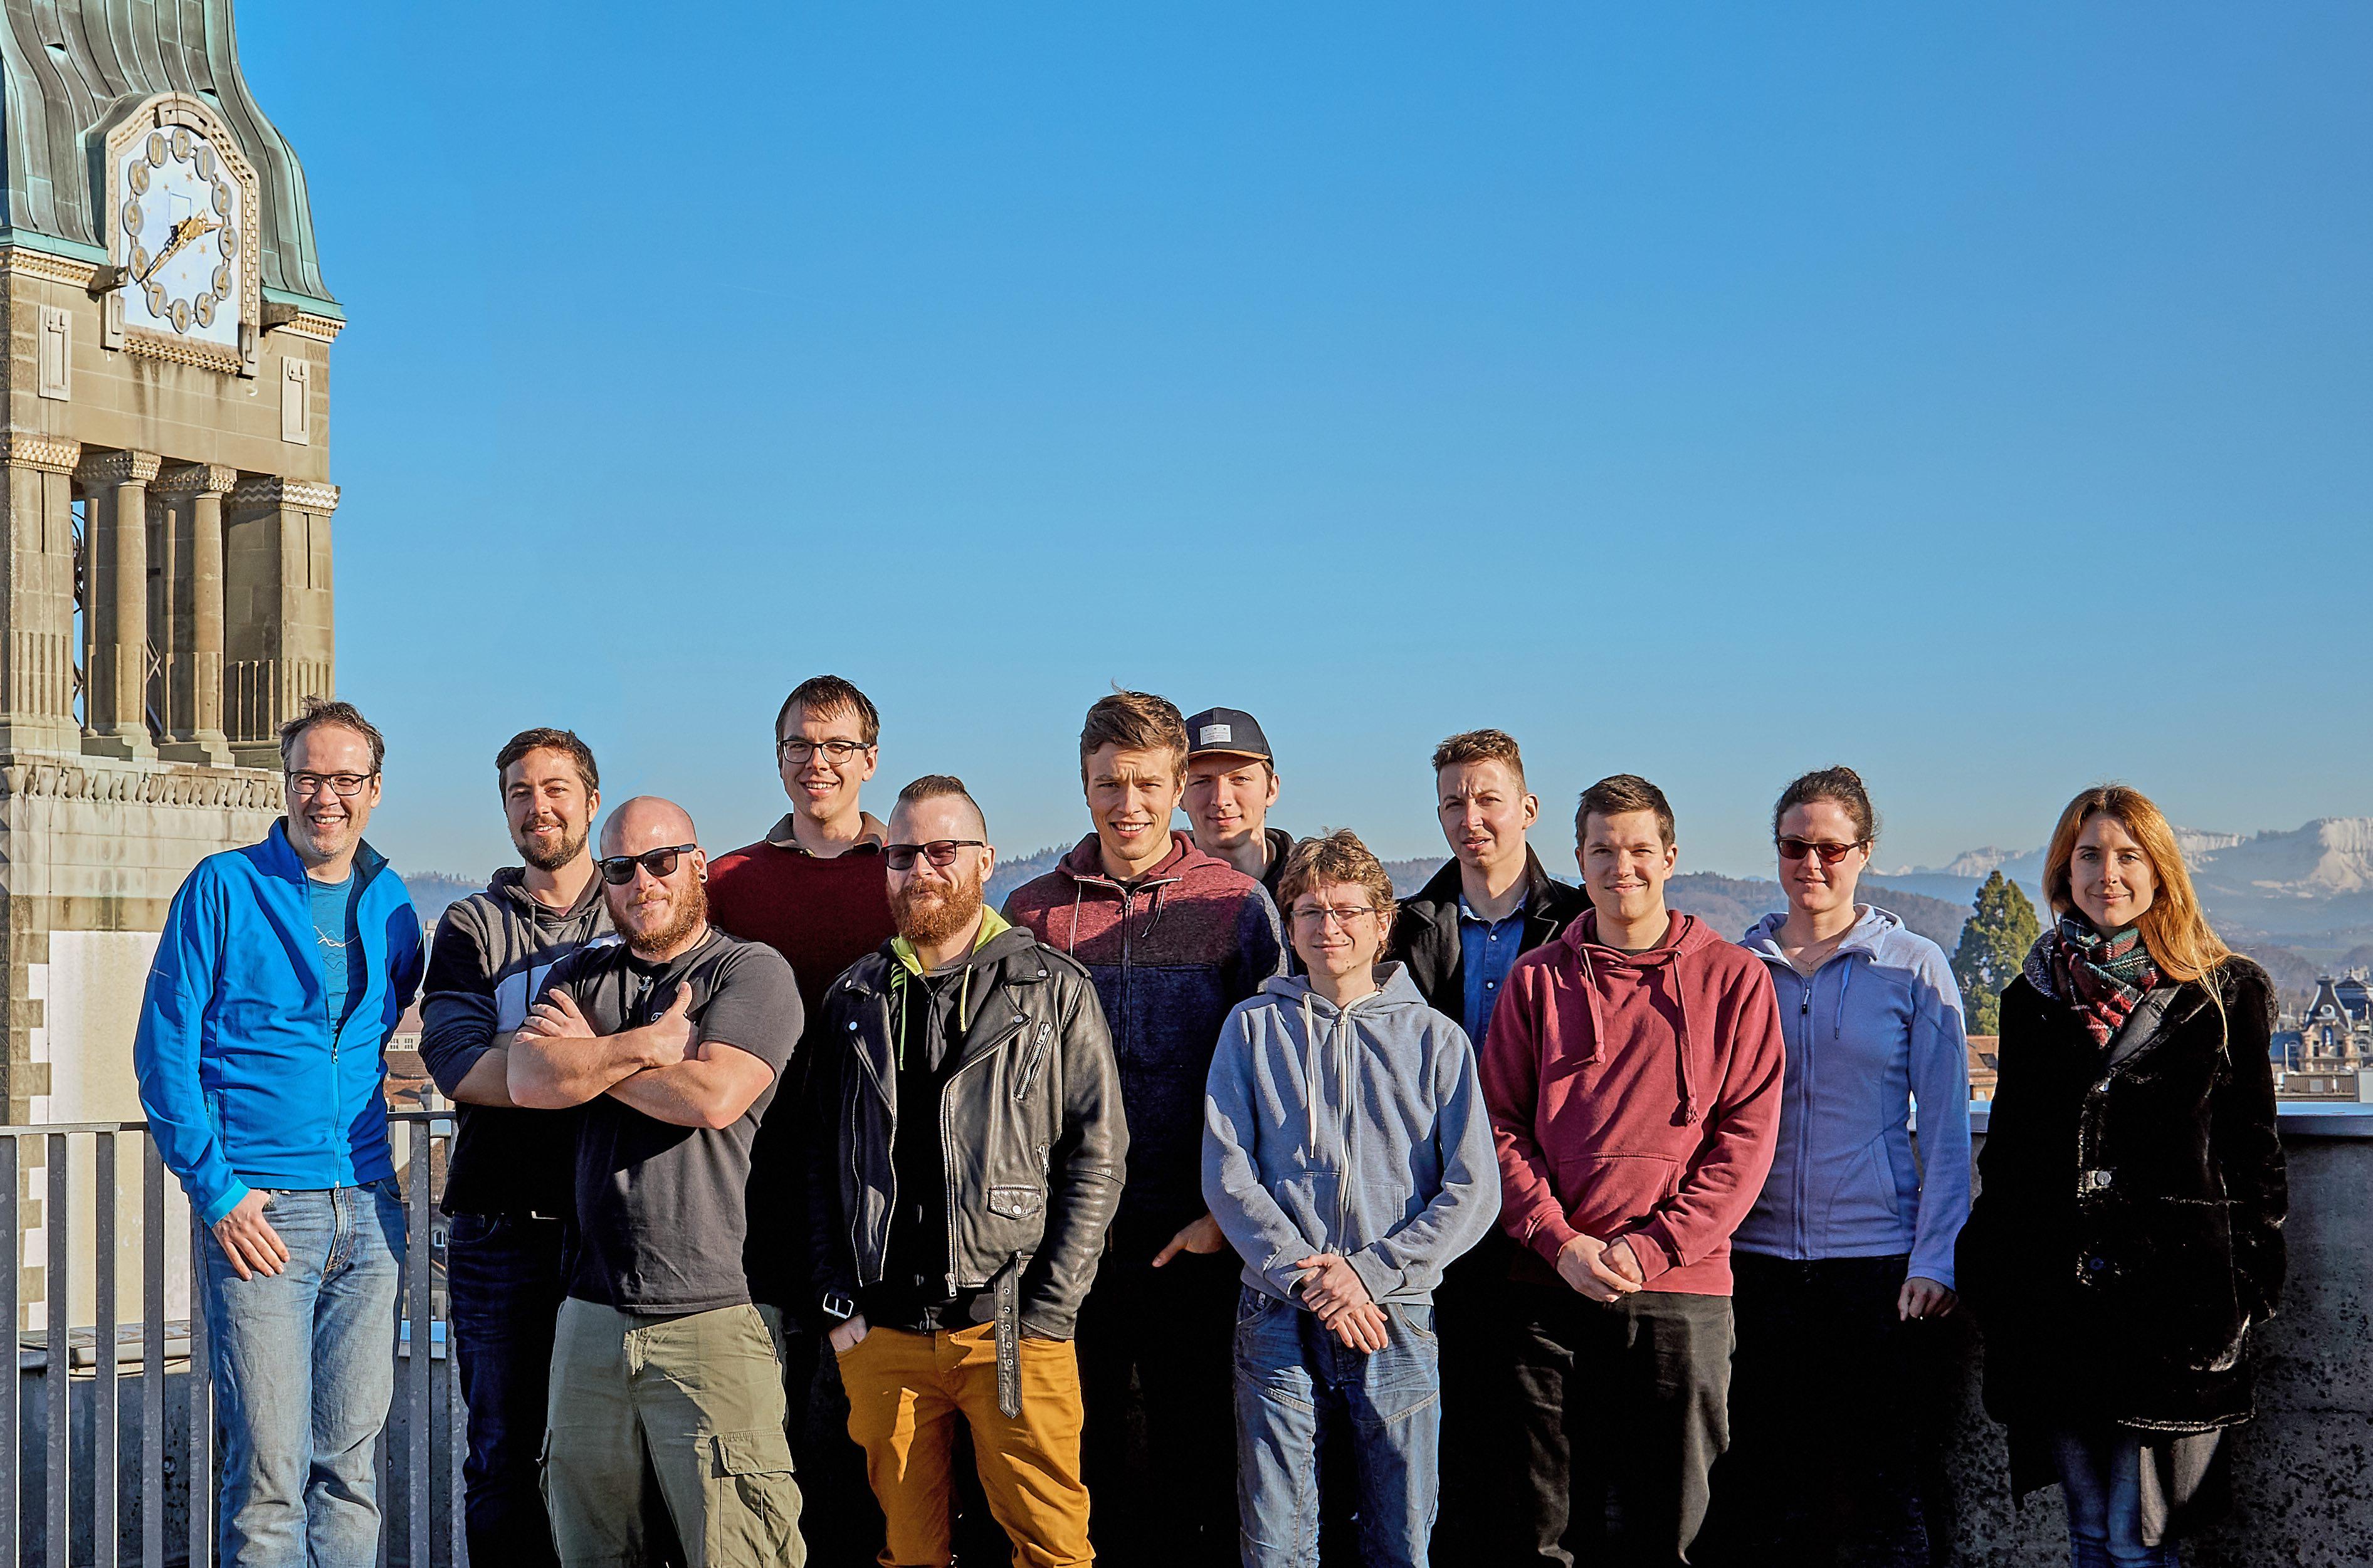 Gruppenbild der Arbeitsgruppe von Prof. Christoph von Ballmoos (links) vom Departement für Chemie und Biochemie der Universität Bern. Doktorand Olivier Biner (vierter von links) ist einer der Erstautoren der publizierten Resultate. © Lucas Affentranger